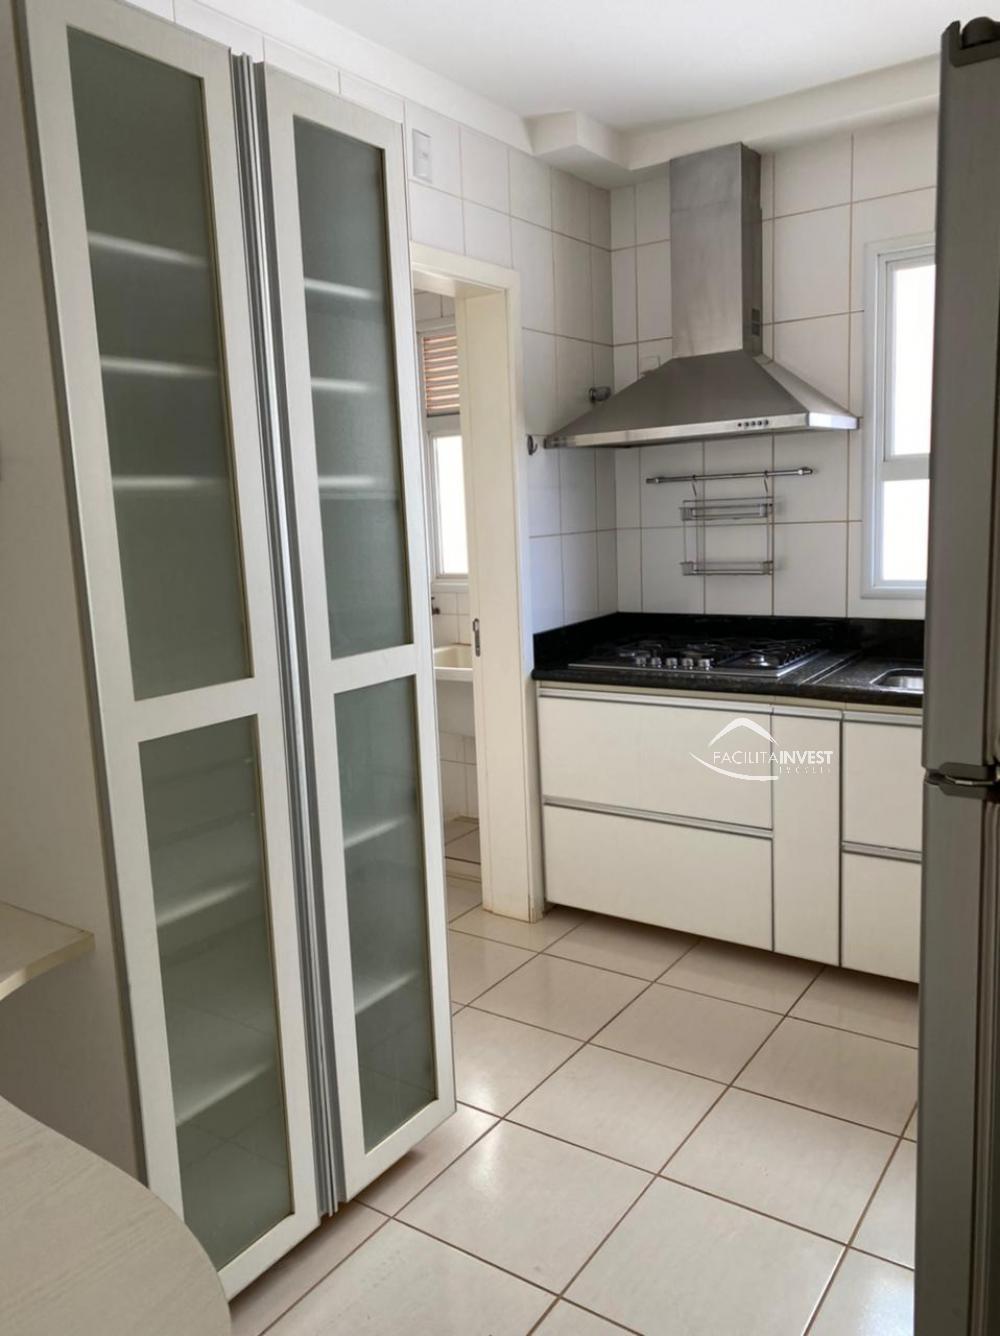 Alugar Apartamentos / Apart. Padrão em Ribeirão Preto R$ 2.400,00 - Foto 7